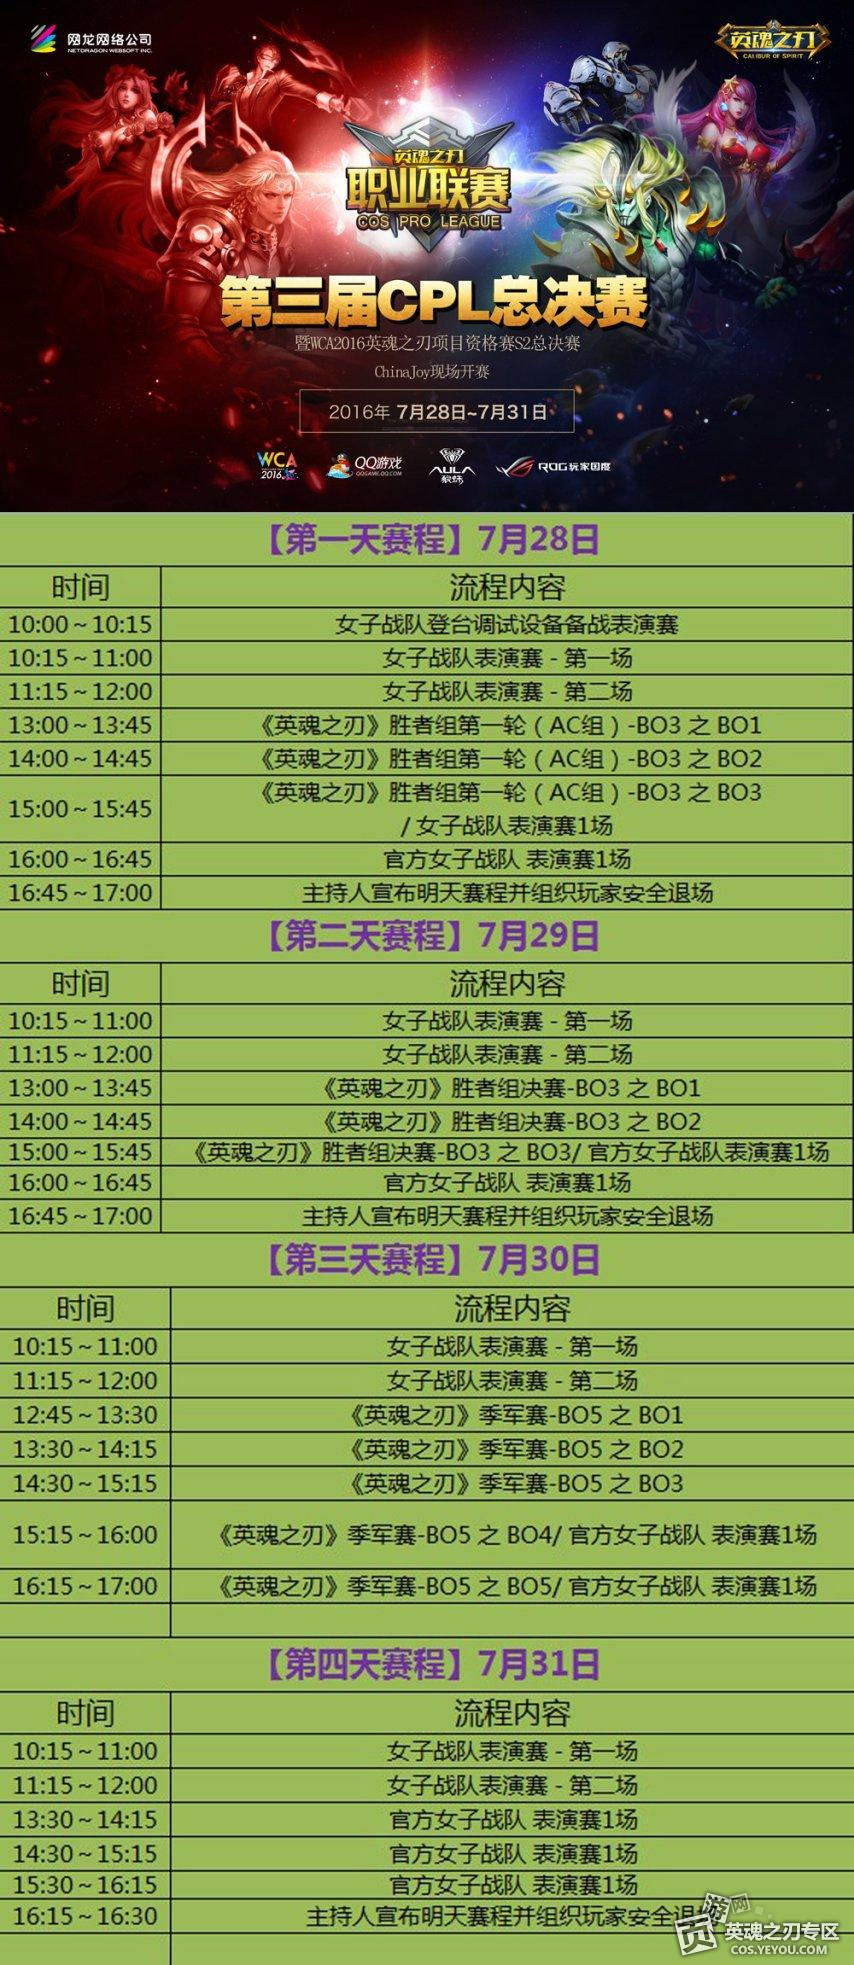 英魂之刃2016ChinaJoy第三届CPL赛程表.jpg